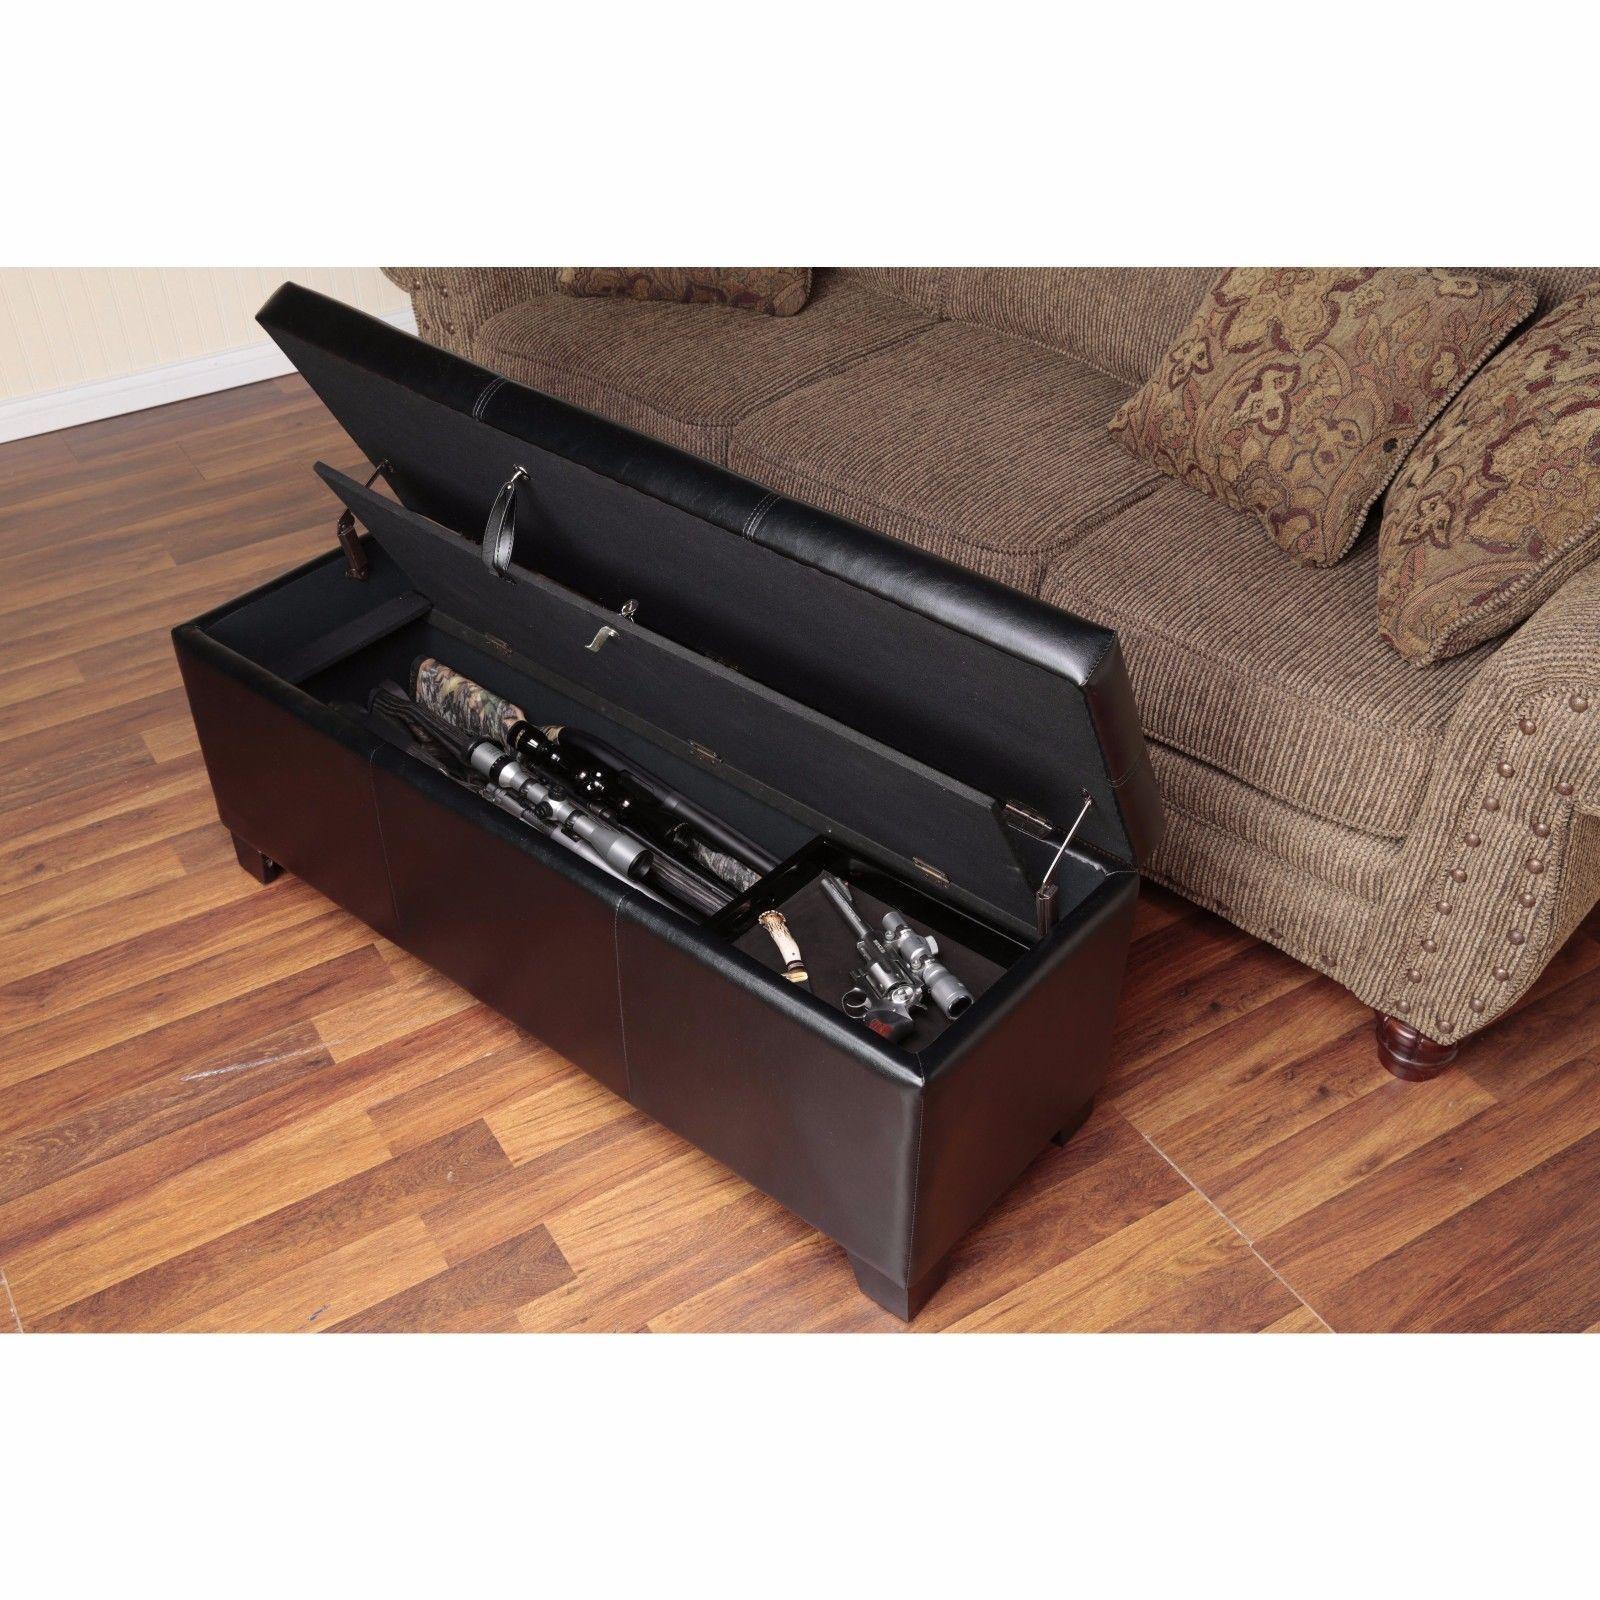 Gun Concealment Furniture Locking Storage Bench Firearm ...